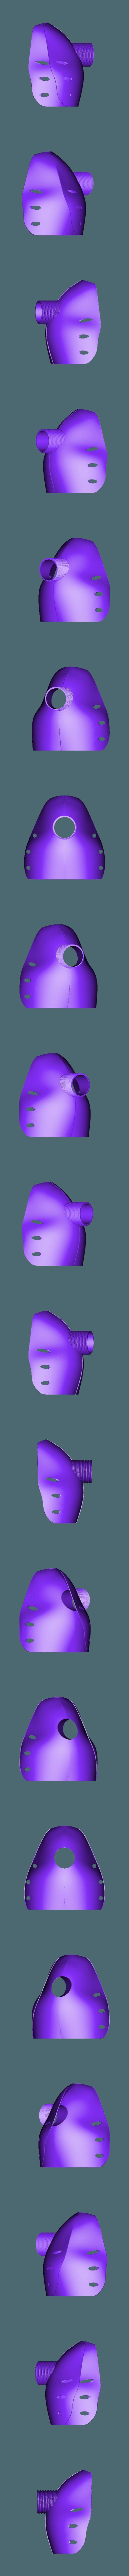 Mascherina_COVID-19_struttura.stl Download free STL file Mascherina-COVID-19 • 3D printable design, marcogenito